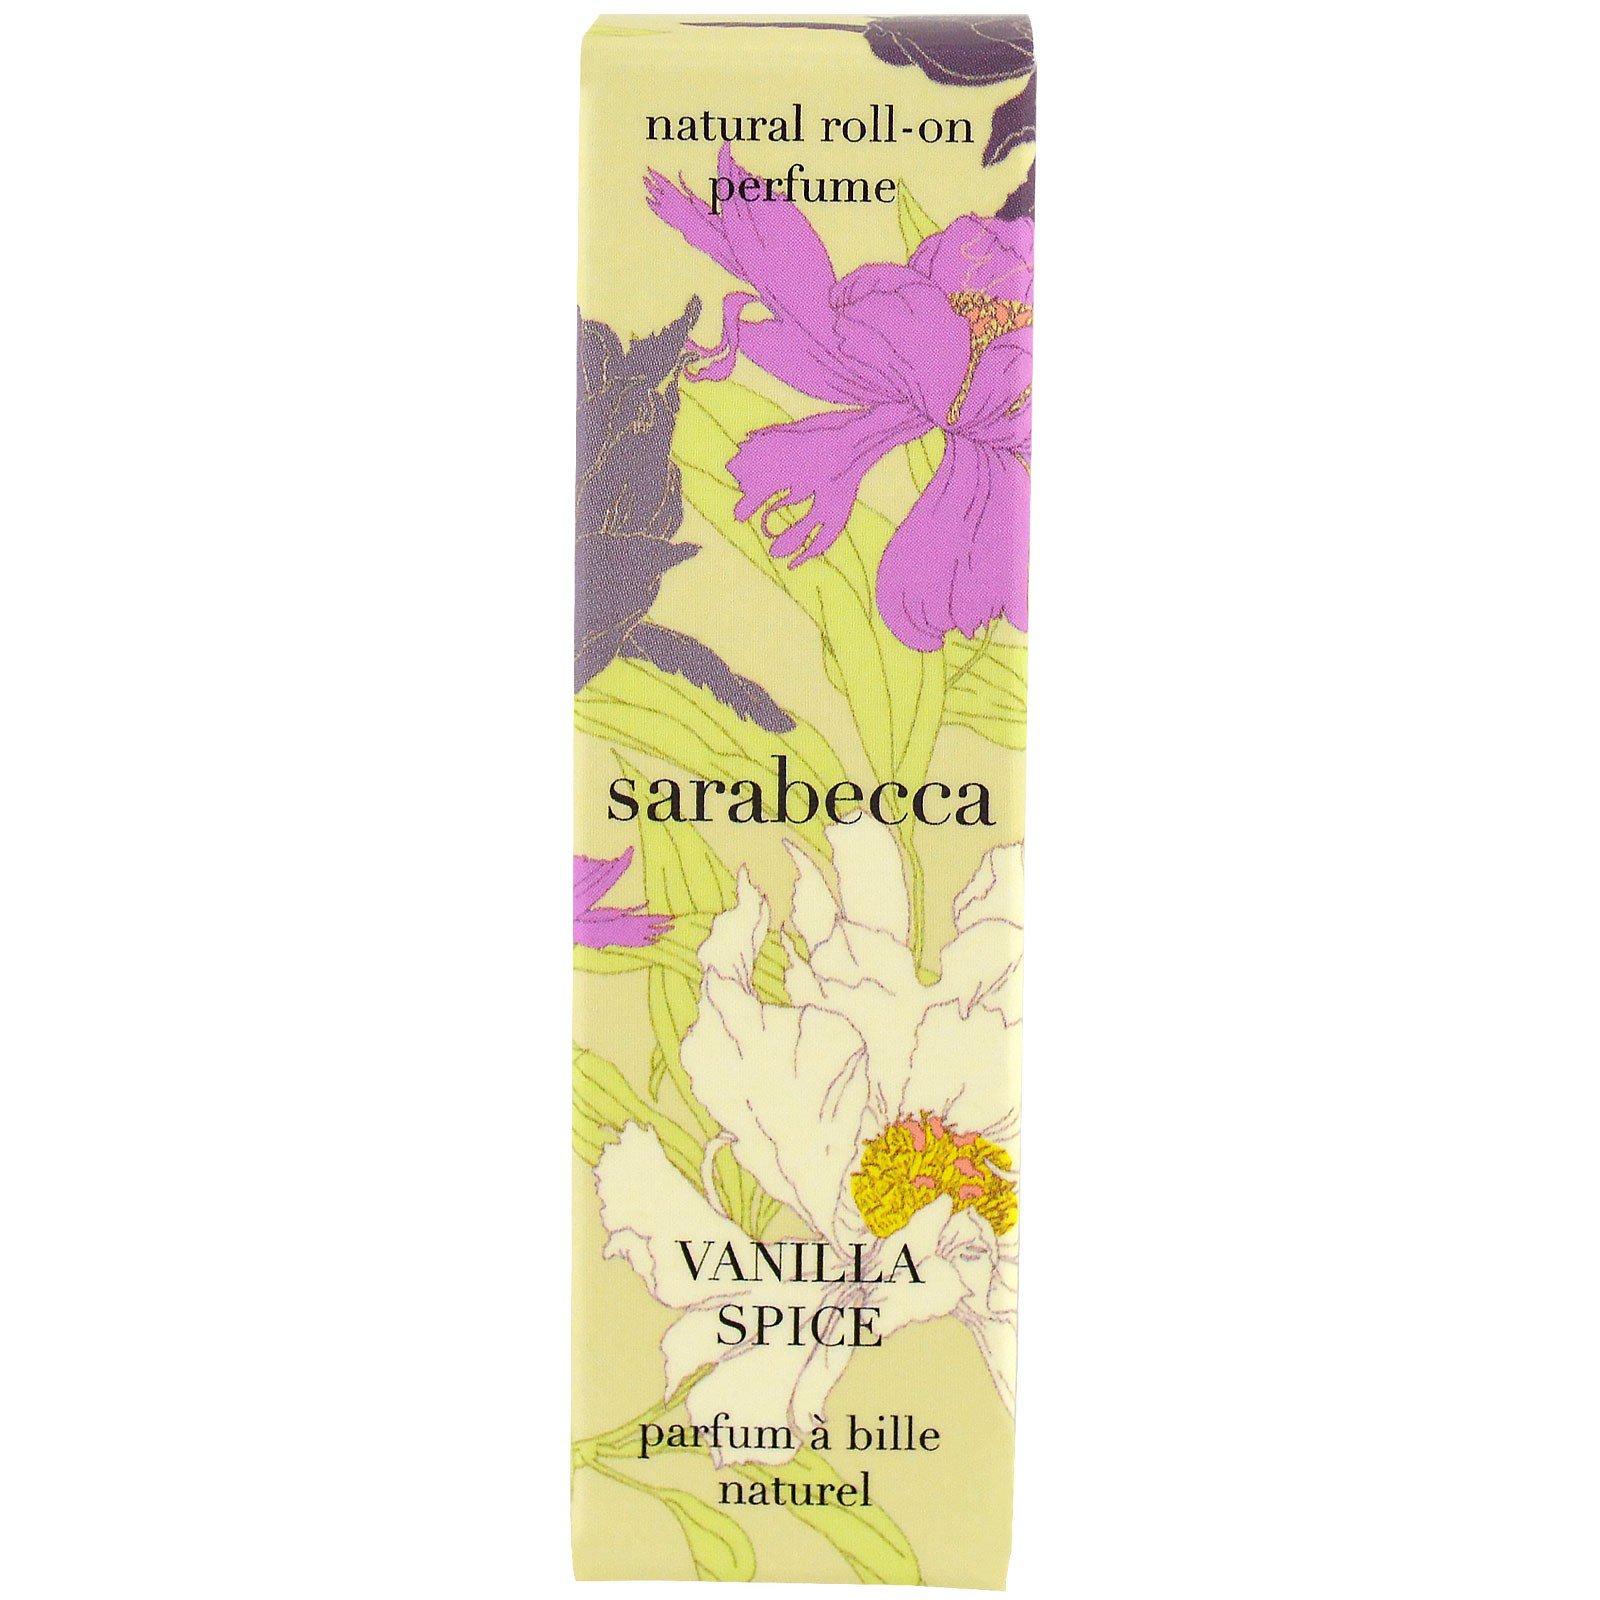 Sarabecca, Натуральные роликовые духи, Ваниль и специи, ,25 унции (7,5 мл)